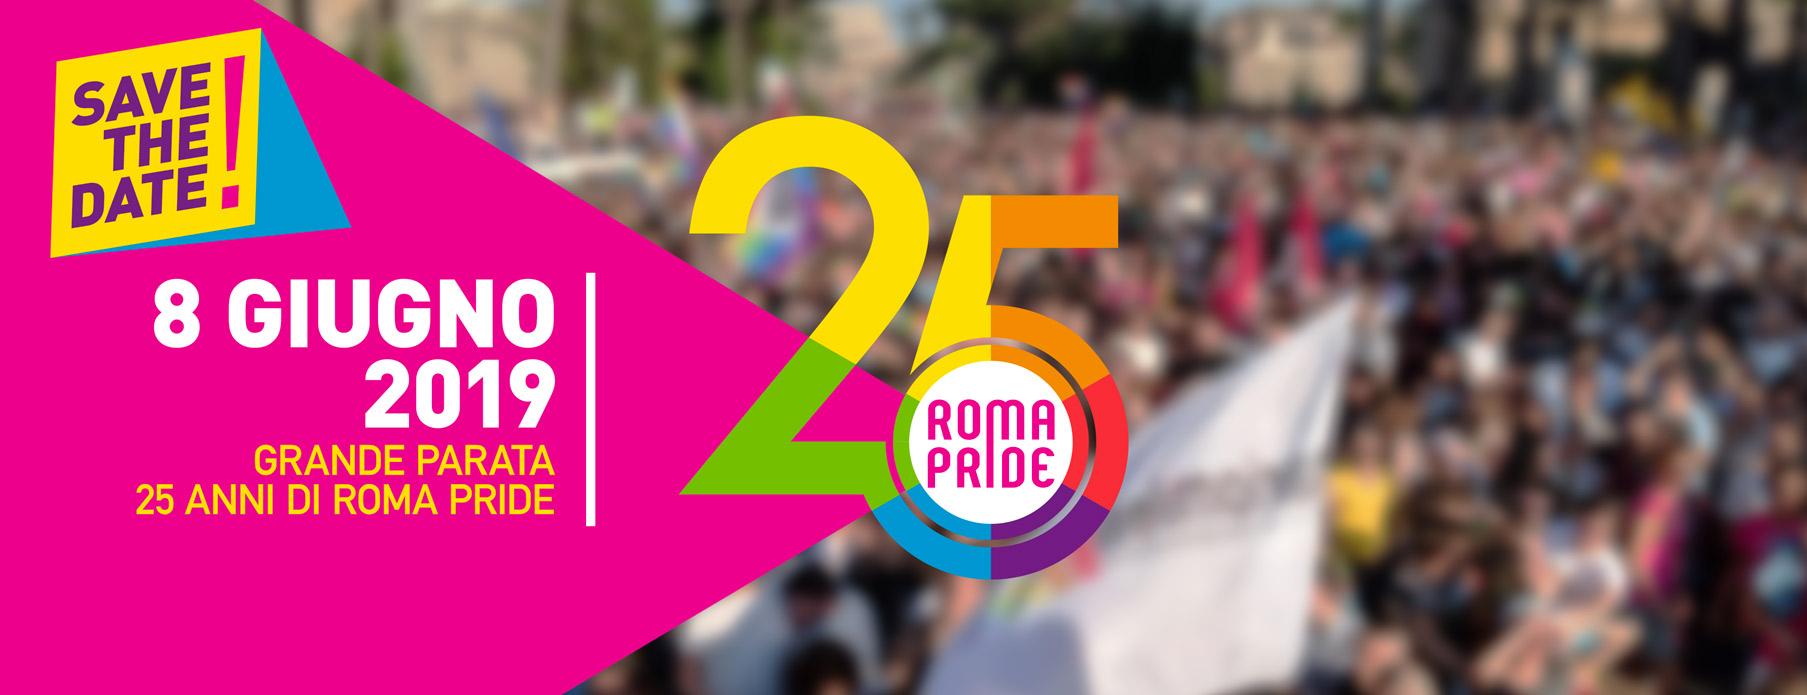 8 giugno 2019 - Roma Pride